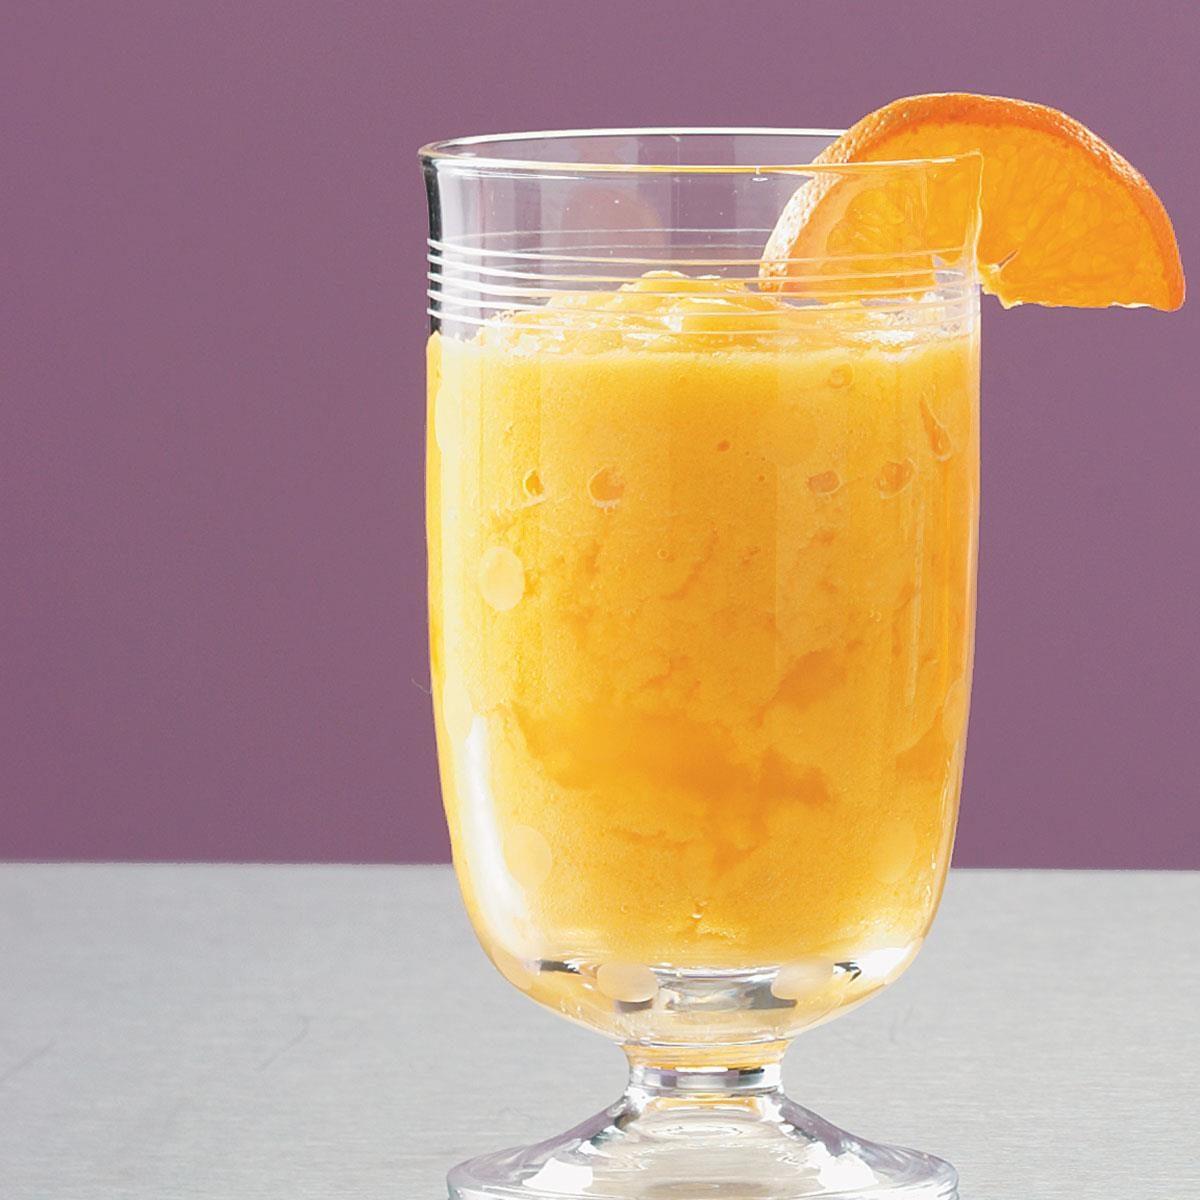 Orange Pineapple Smoothies Recipe